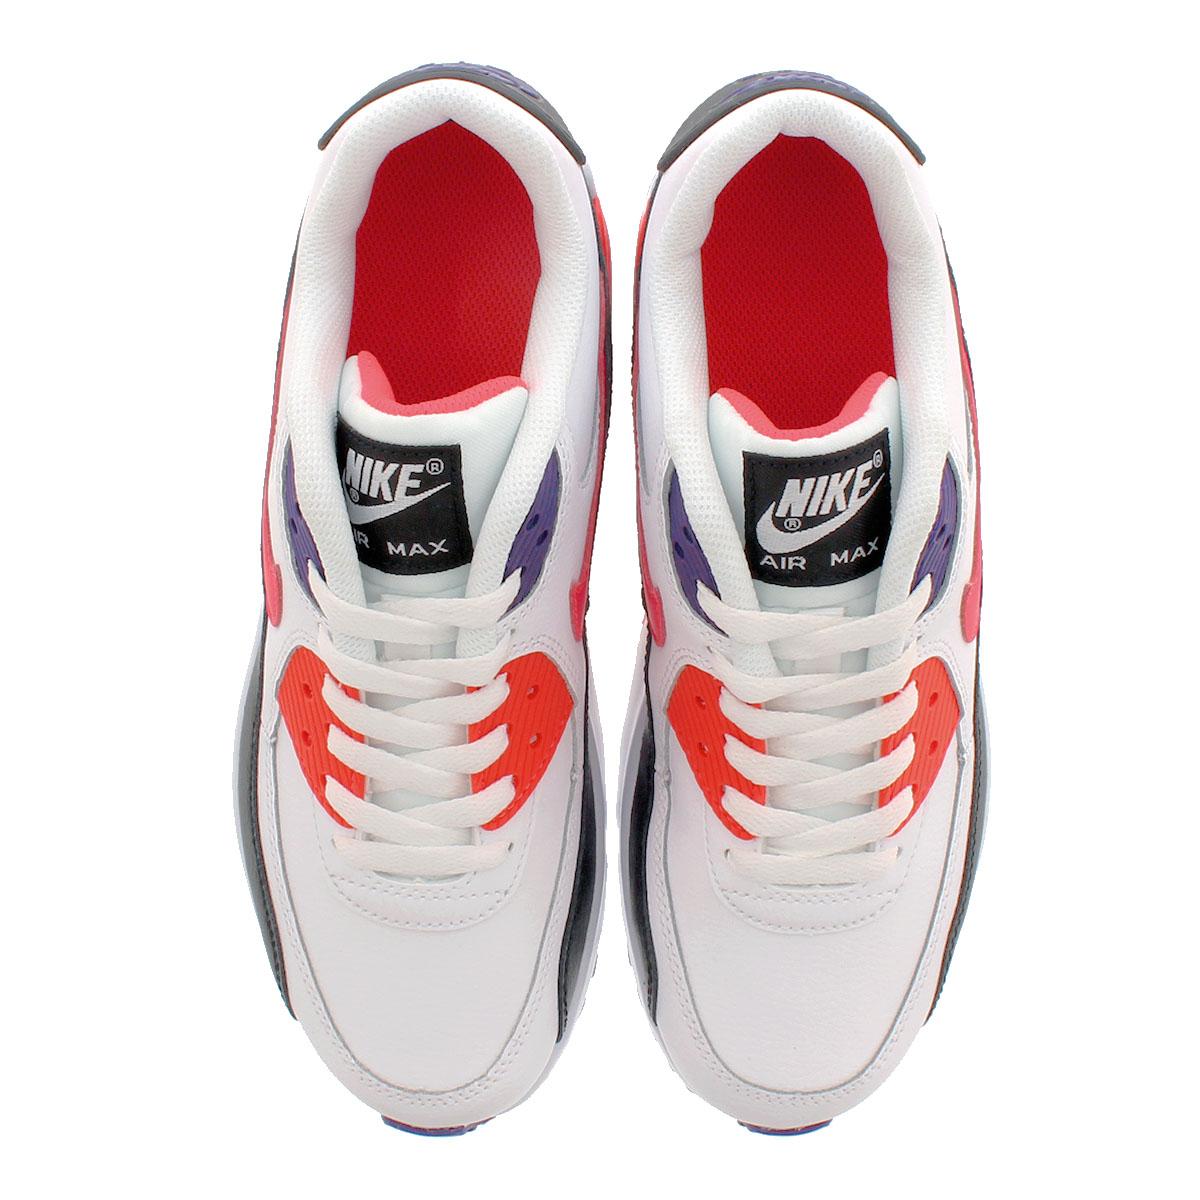 833412 117 Nike Air Max 90 LTR (GS) WhiteBright